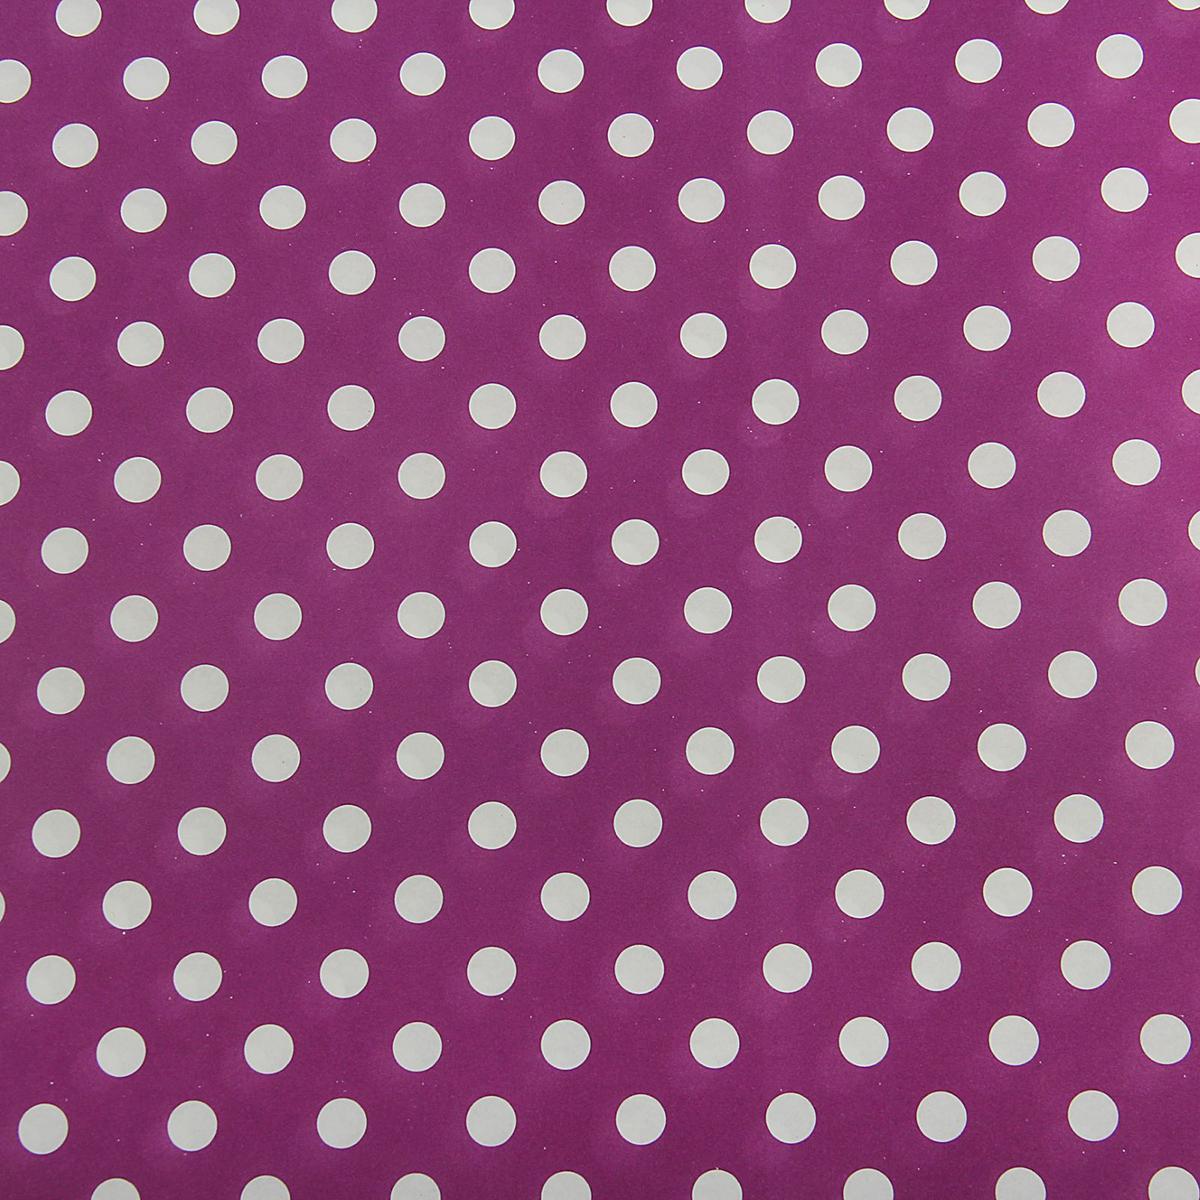 Бумага упаковочная Горох на фиолетовом, 50 х 70 см. 18820361882036Любой подарок начинается с упаковки. Что может быть трогательнее и волшебнее, чем ритуал разворачивания полученного презента. И именно оригинальная, со вкусом выбранная упаковка выделит ваш подарок из массы других. Она продемонстрирует самые тёплые чувства к виновнику торжества и создаст сказочную атмосферу праздника. Бумага упаковочная Горох на фиолетовом, 50 х 70 см — это то, что вы искали.